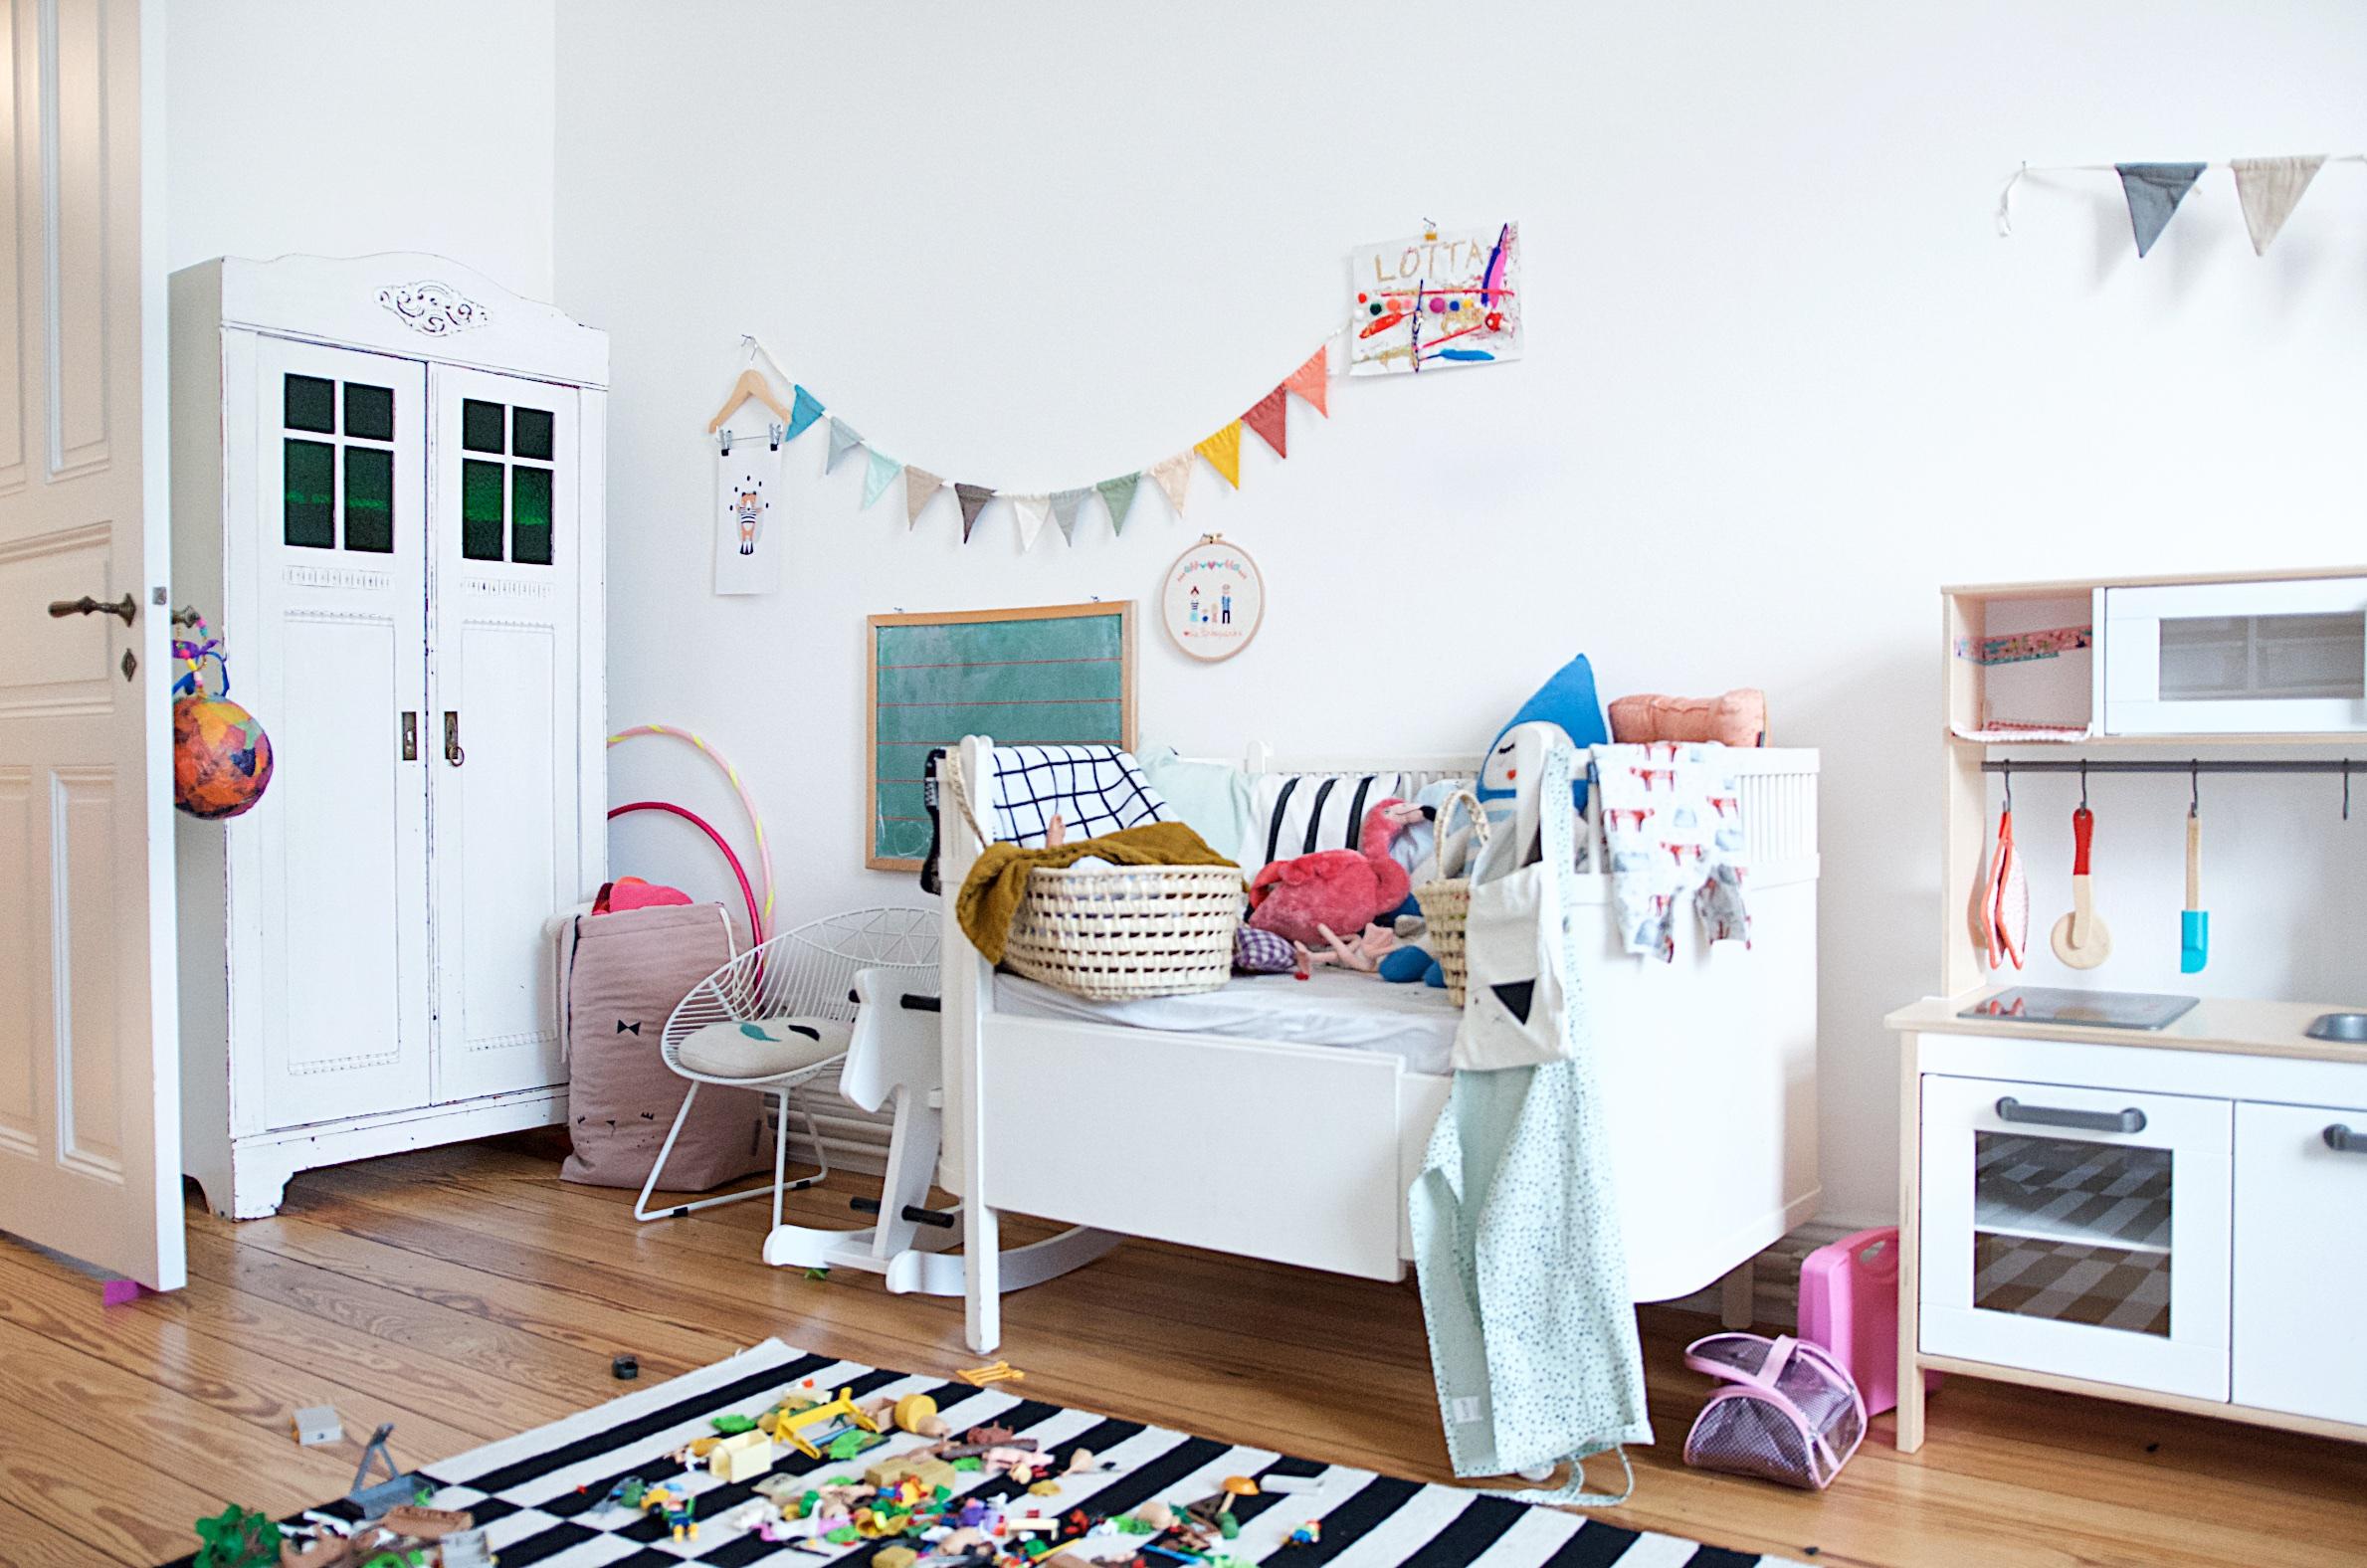 Kleiderschrank, Babybett und Kinderküche